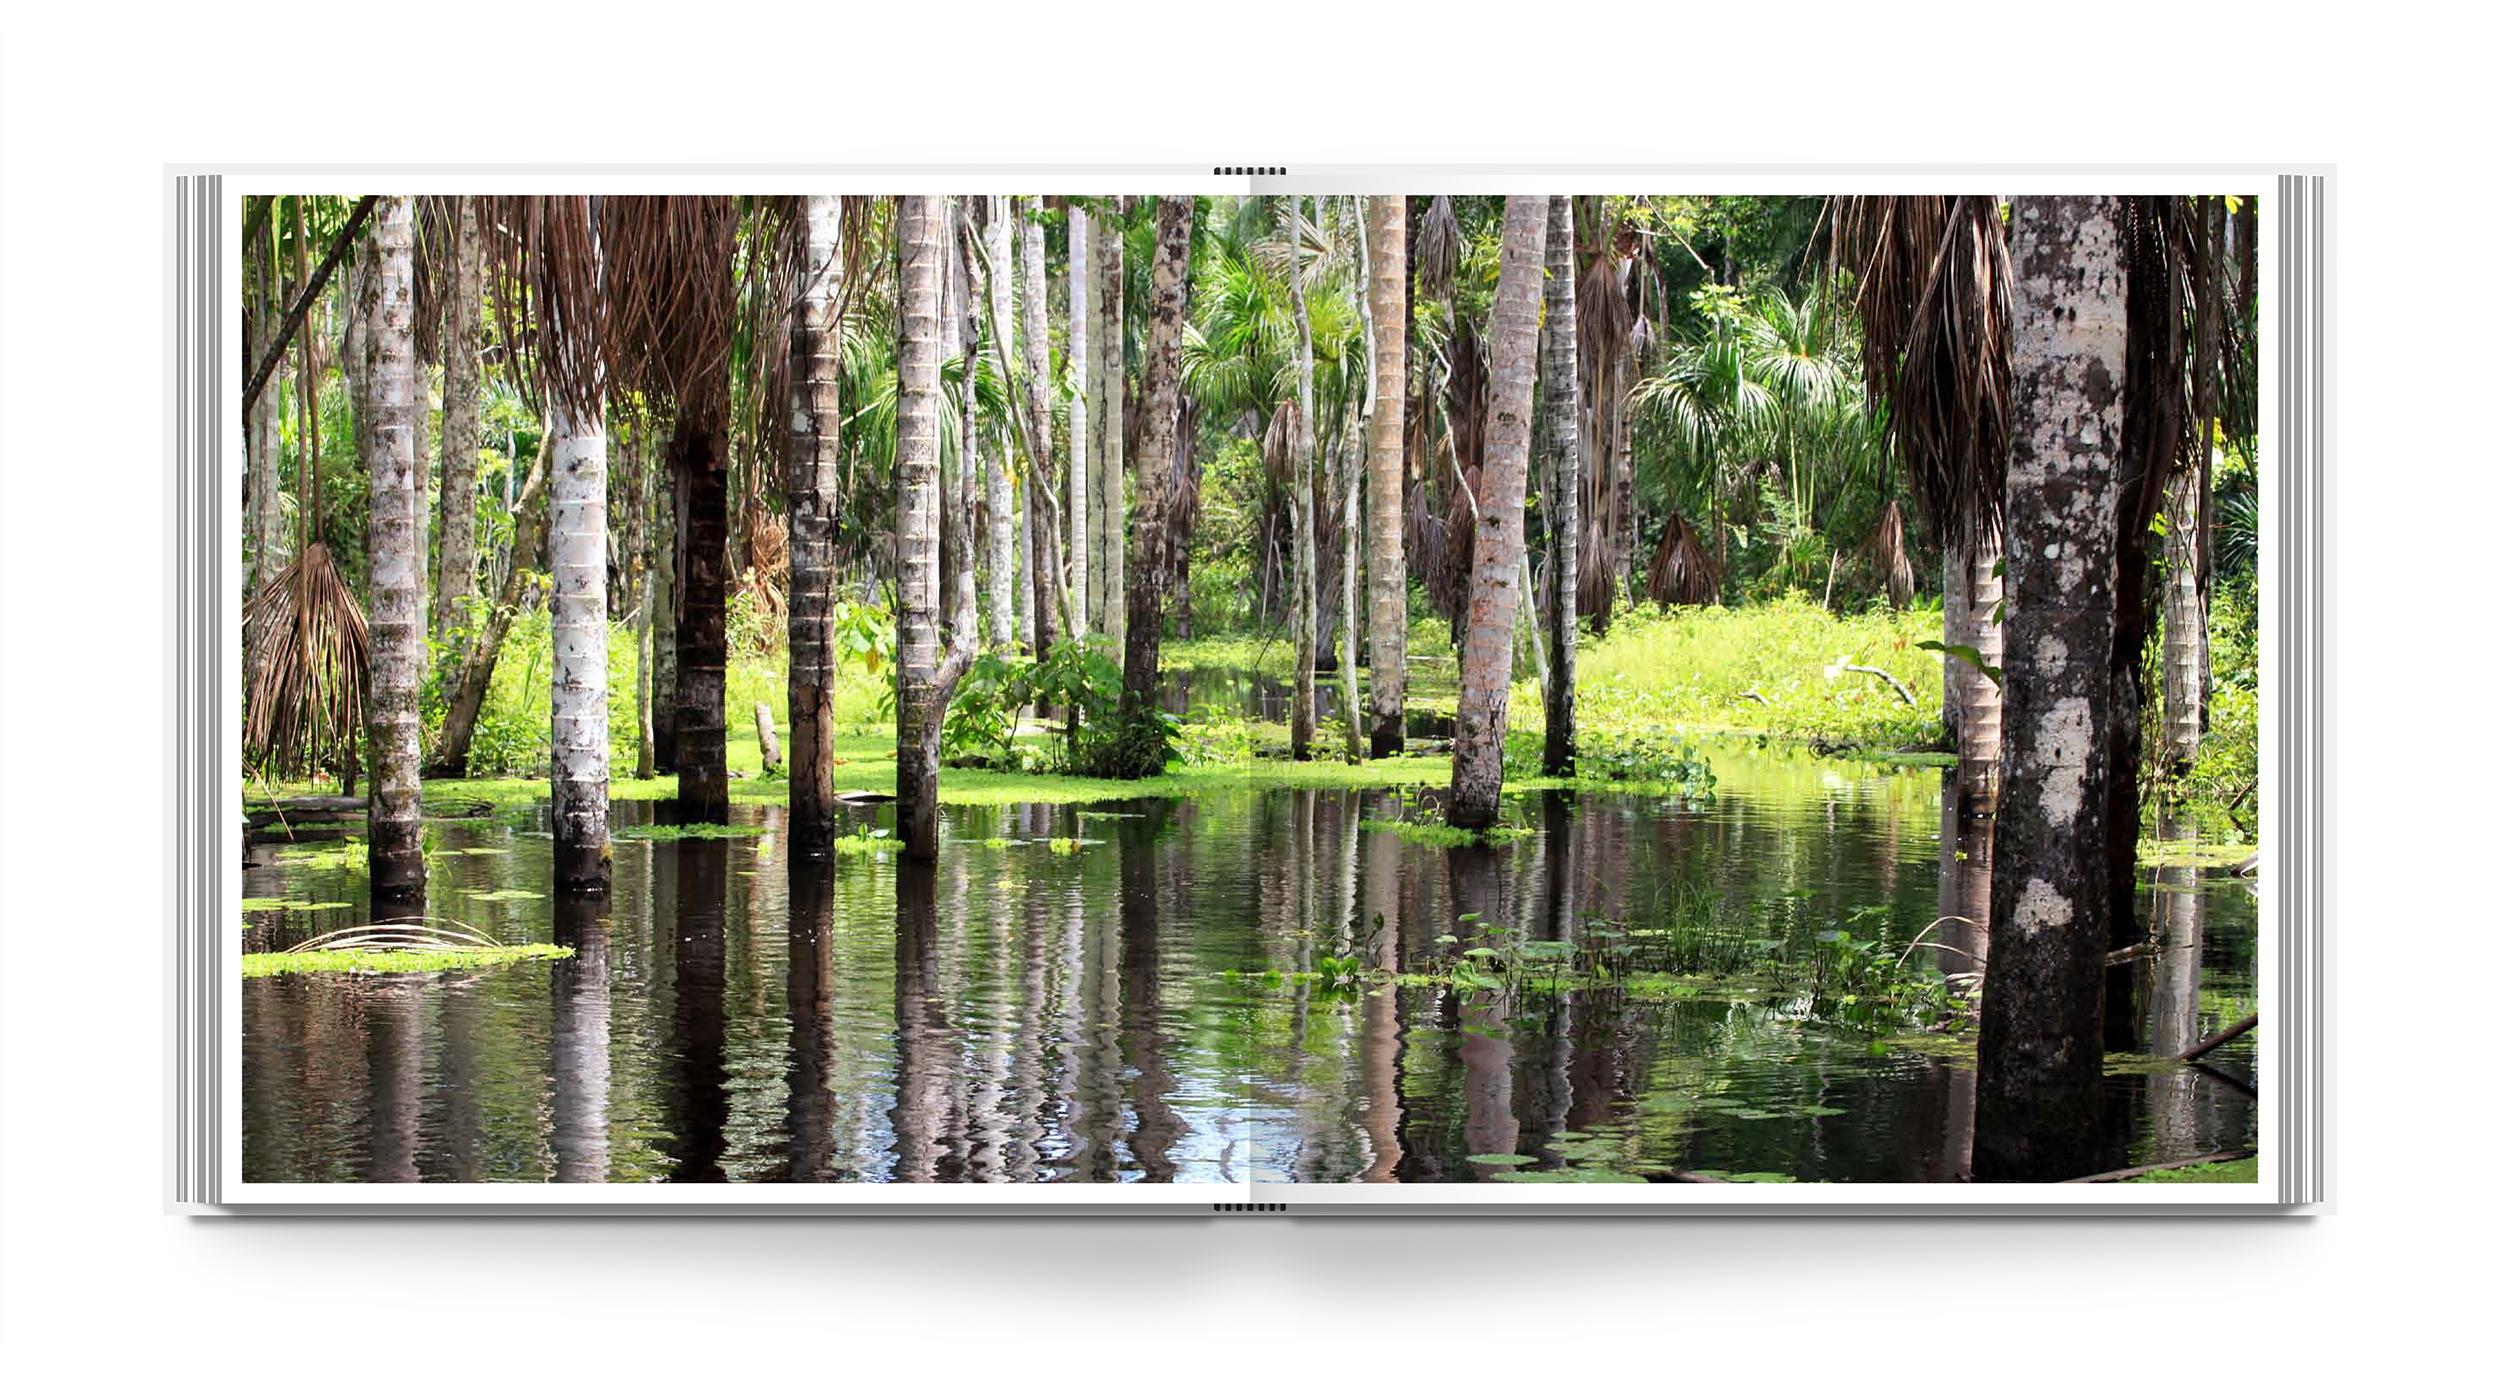 lb-rainforest-int-1.jpg